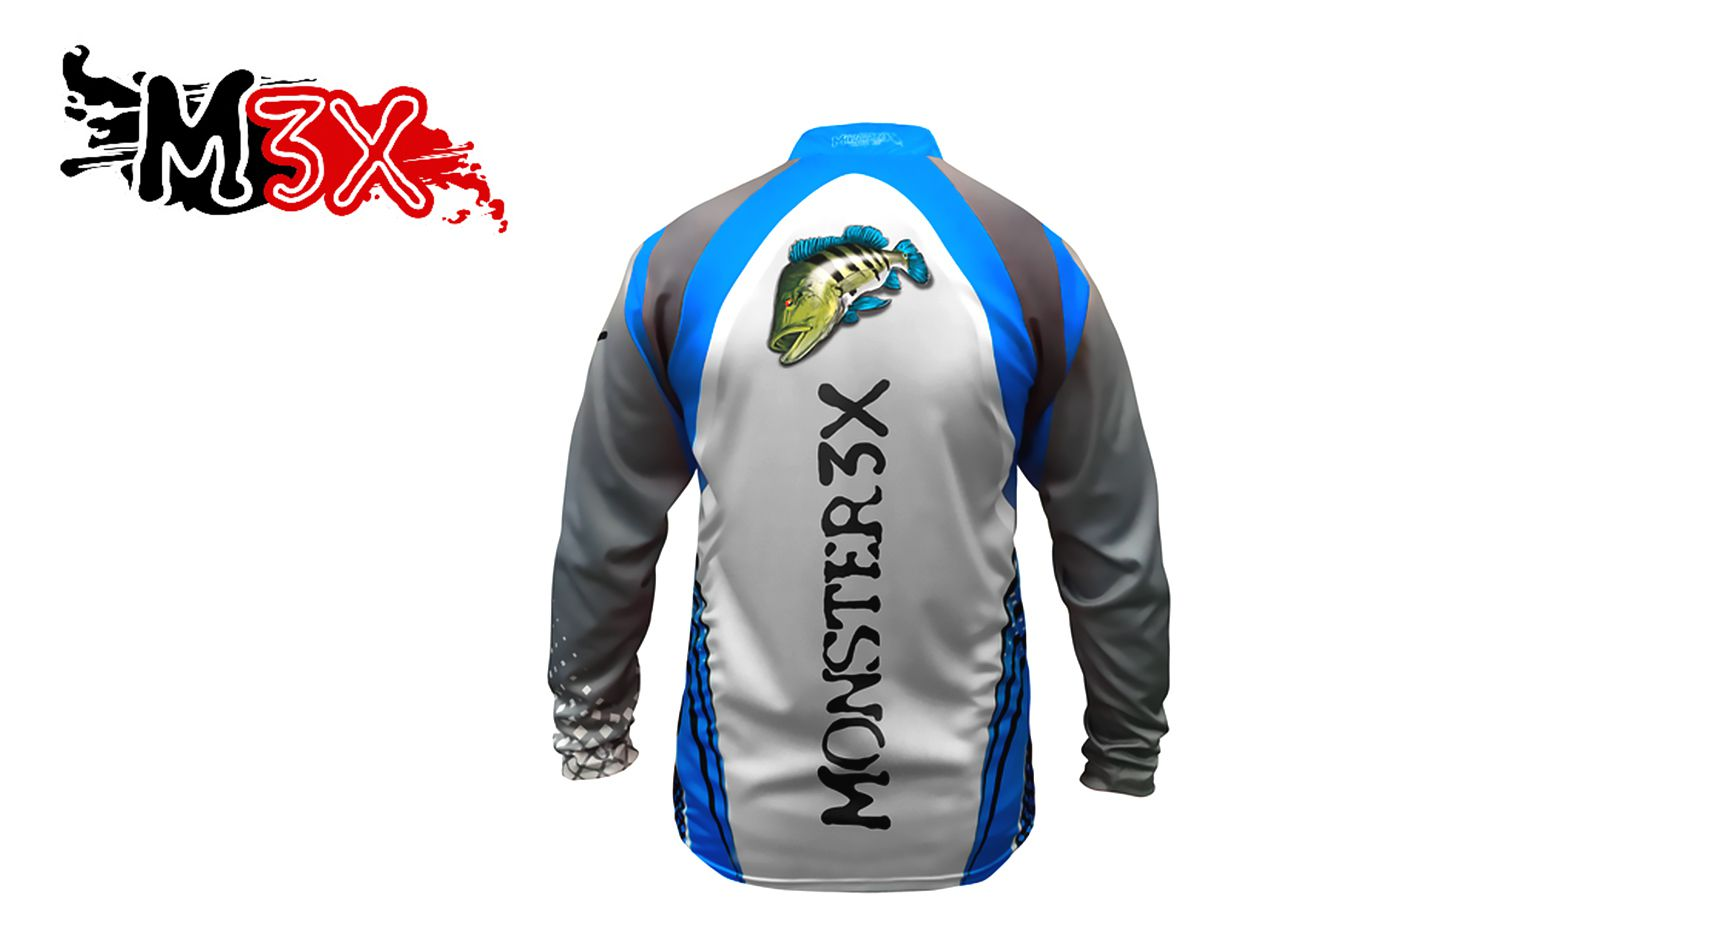 Camiseta de Pesca Proteção Solar New Fish 03 - Monster 3X  - Life Pesca - Sua loja de Pesca, Camping e Lazer